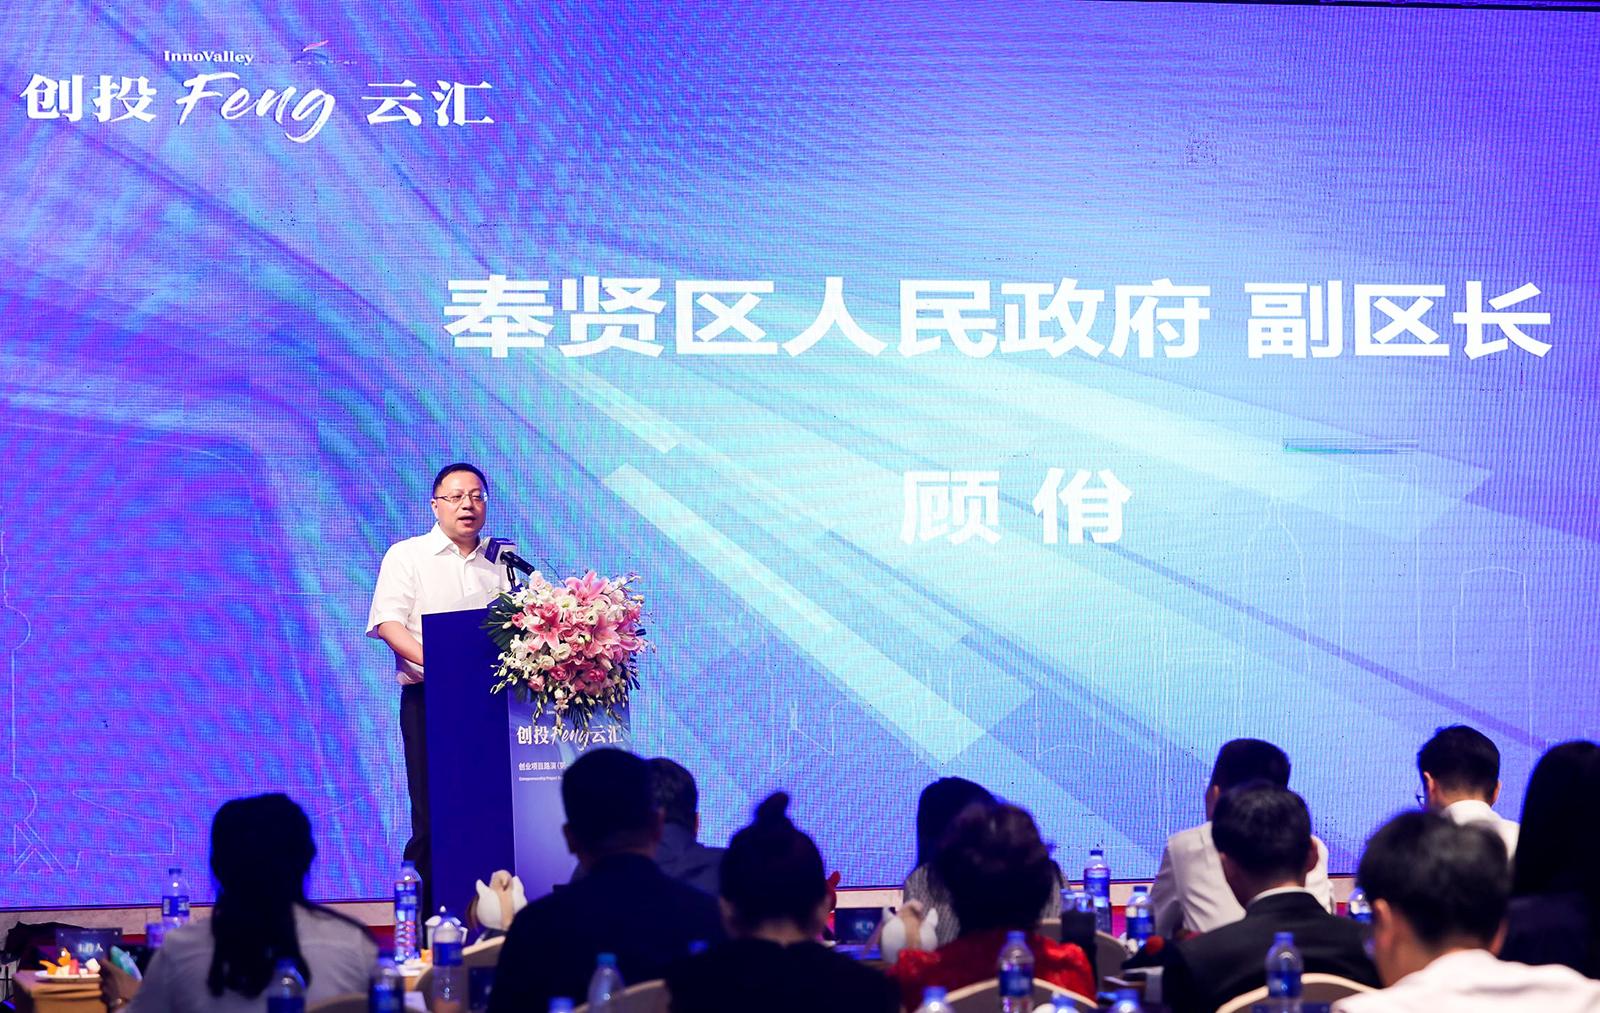 奉贤区副区长顾佾表示,奉贤正焕发新的生机活力,正处于大好的发展机遇期,希望有更多的优秀企业和人才落户